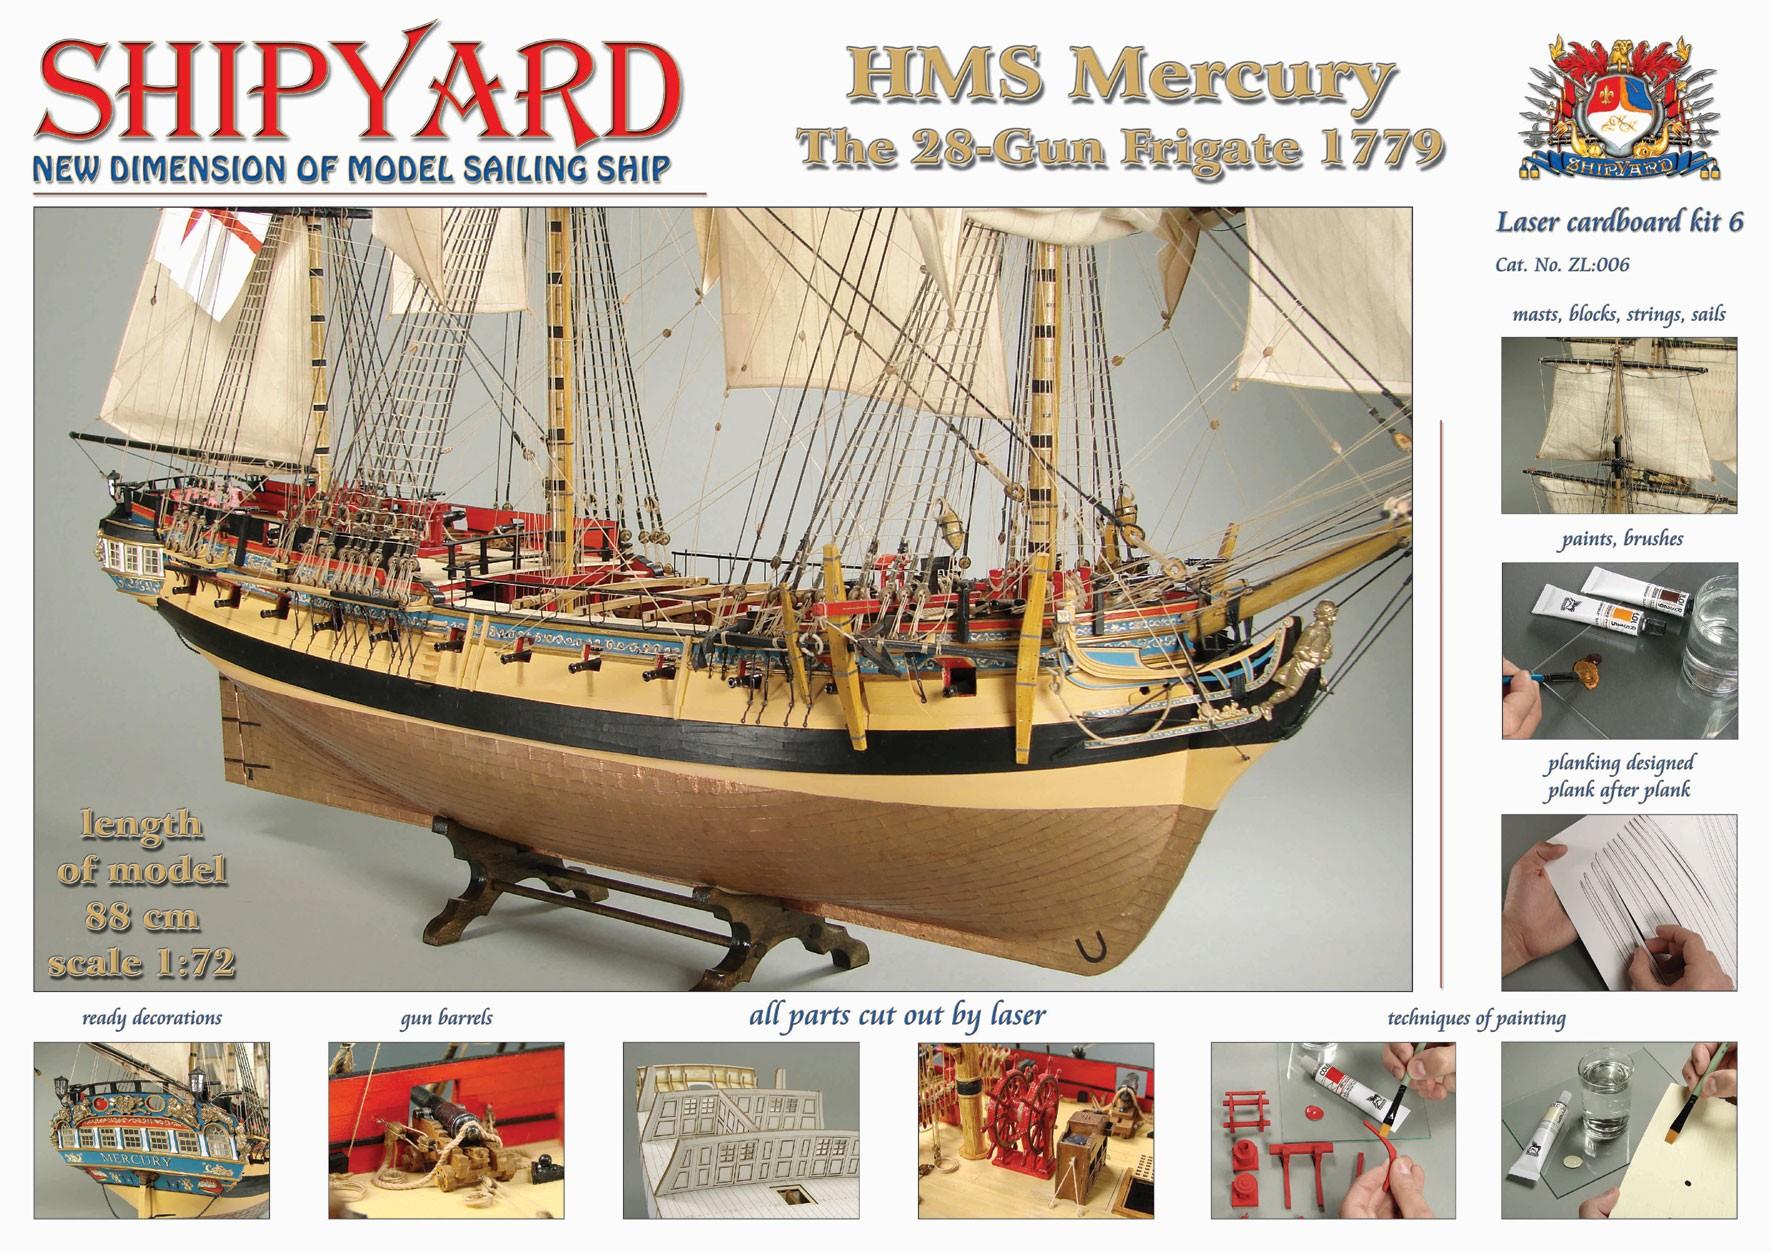 HMS Mercury Laser Cardboard Kit (Shipyard 1:72)